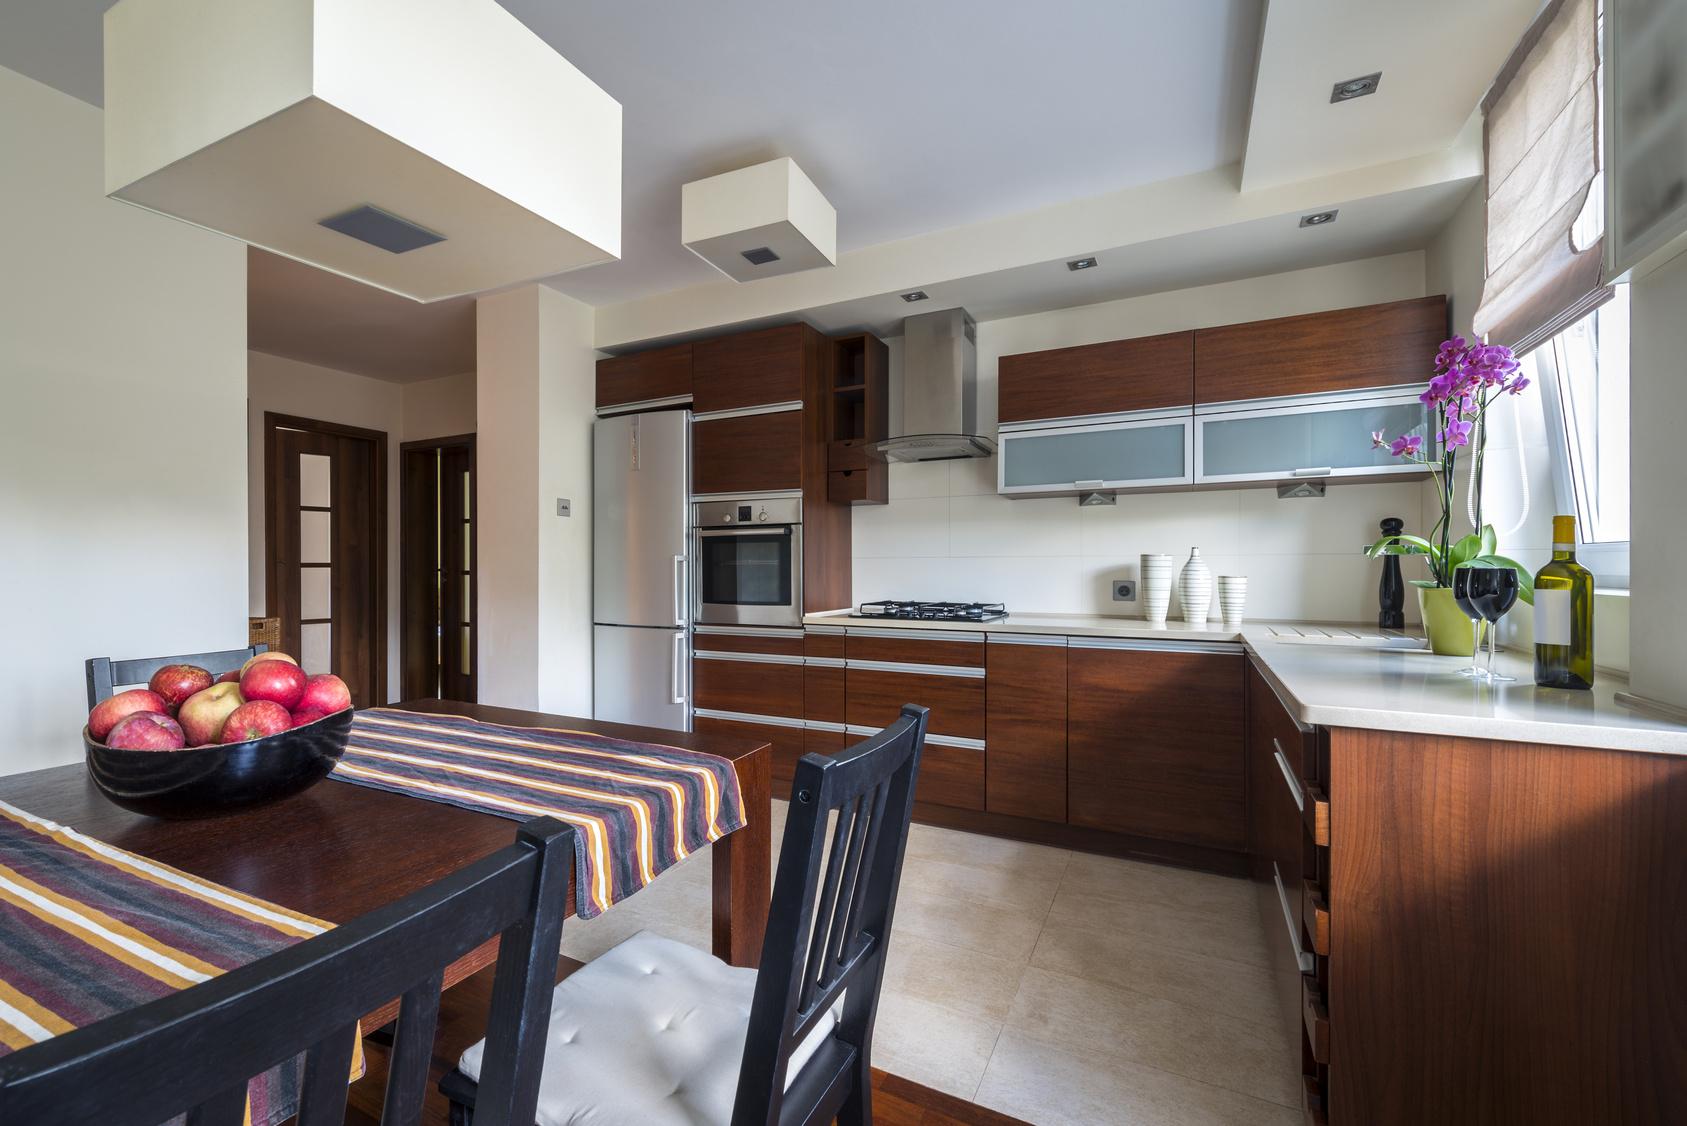 Günstig zur neuen Traumküche dank Küchenabverkauf